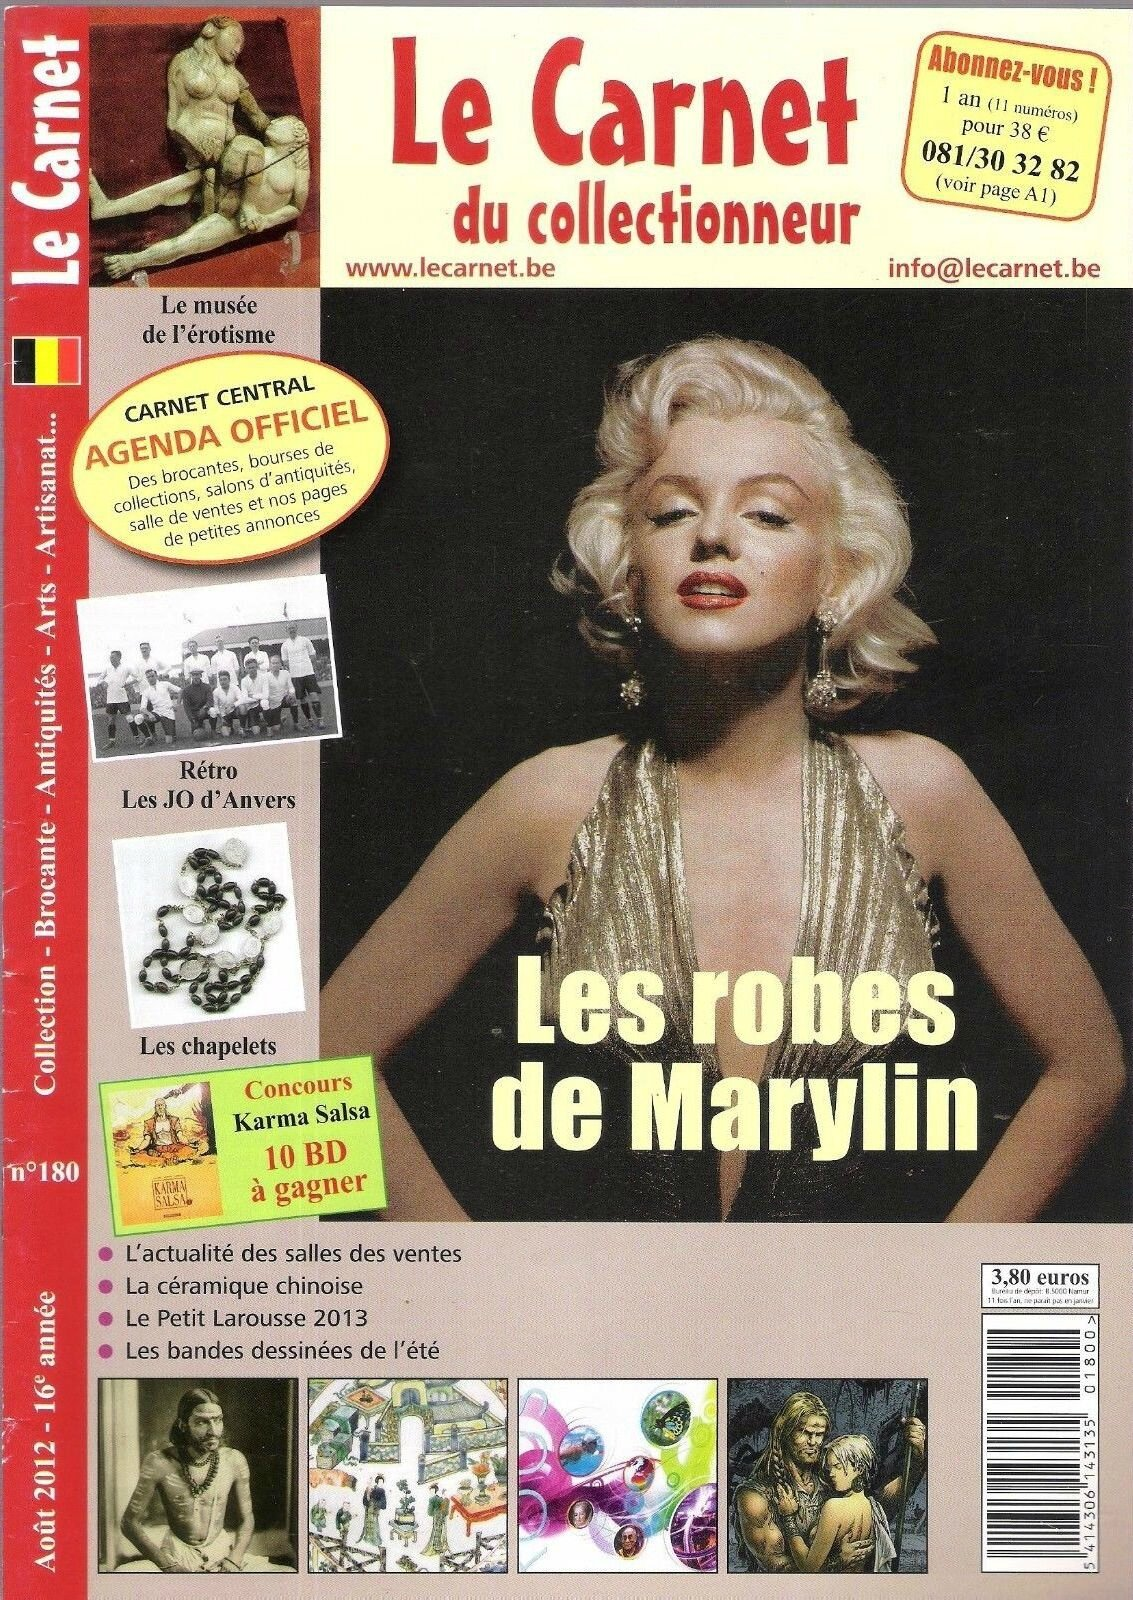 Le carnet du collectionneur (Bel) 2012